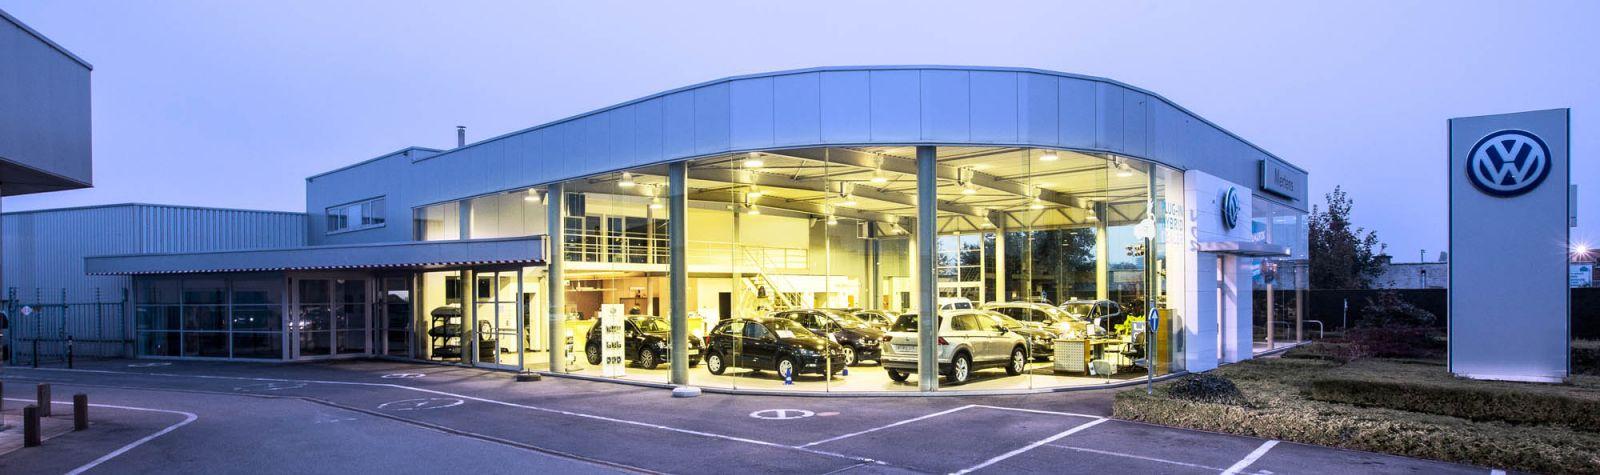 volkswagen garage mertens